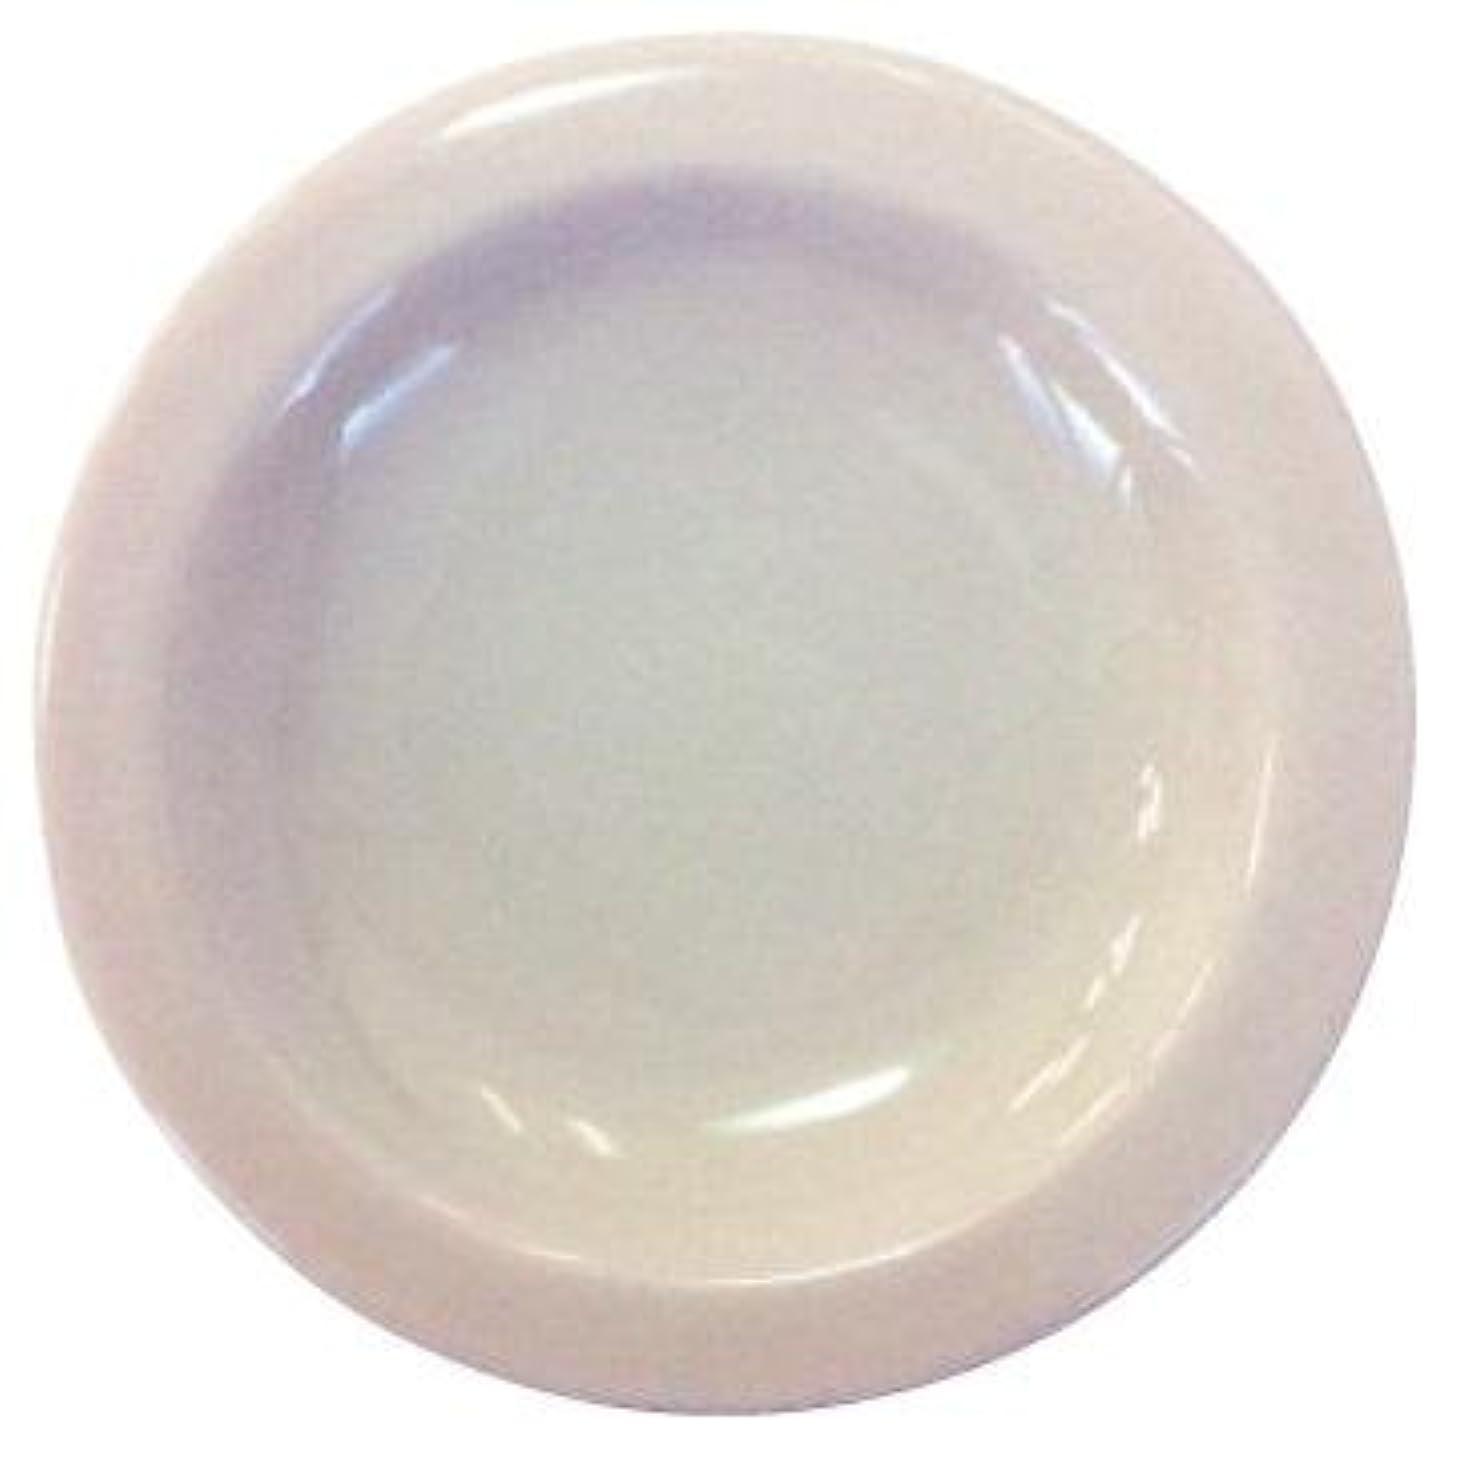 精算強大なギャング生活の木 アロマランプL フラワー用精油皿(上皿)